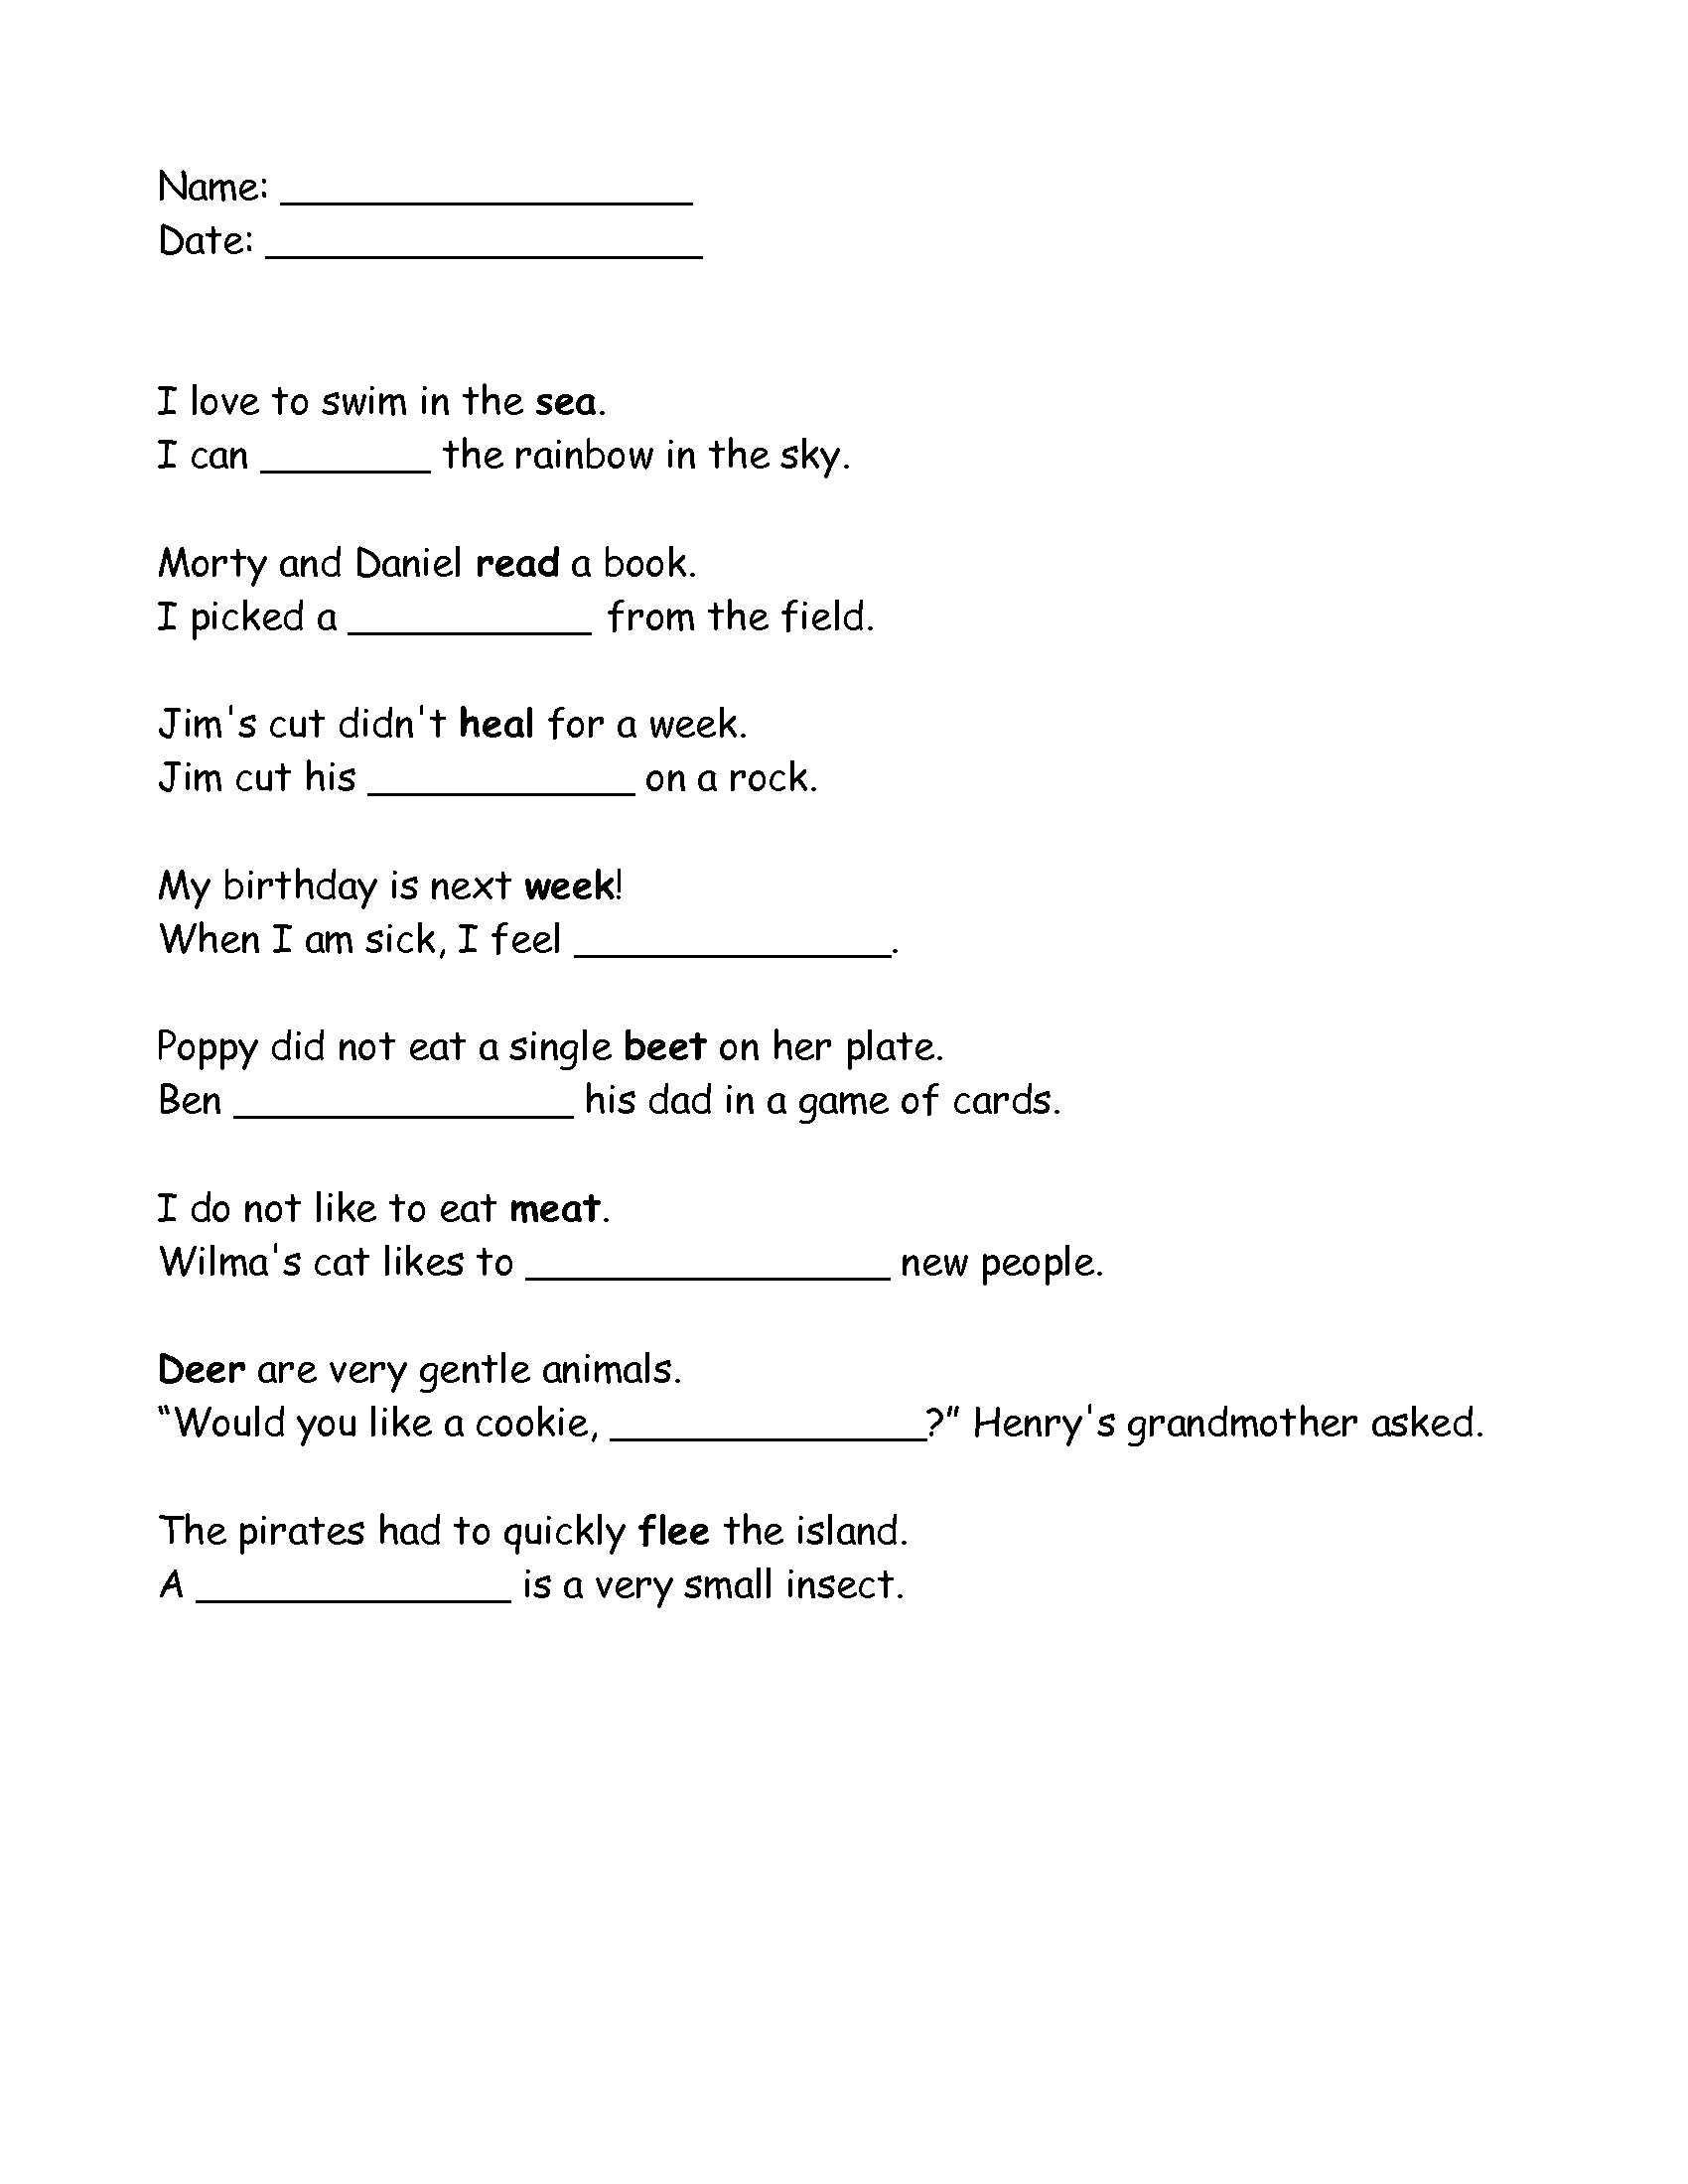 Homophones Worksheets for Grade 2 Grade 2 Homophones Ee and Ea Worksheet that I Made Click